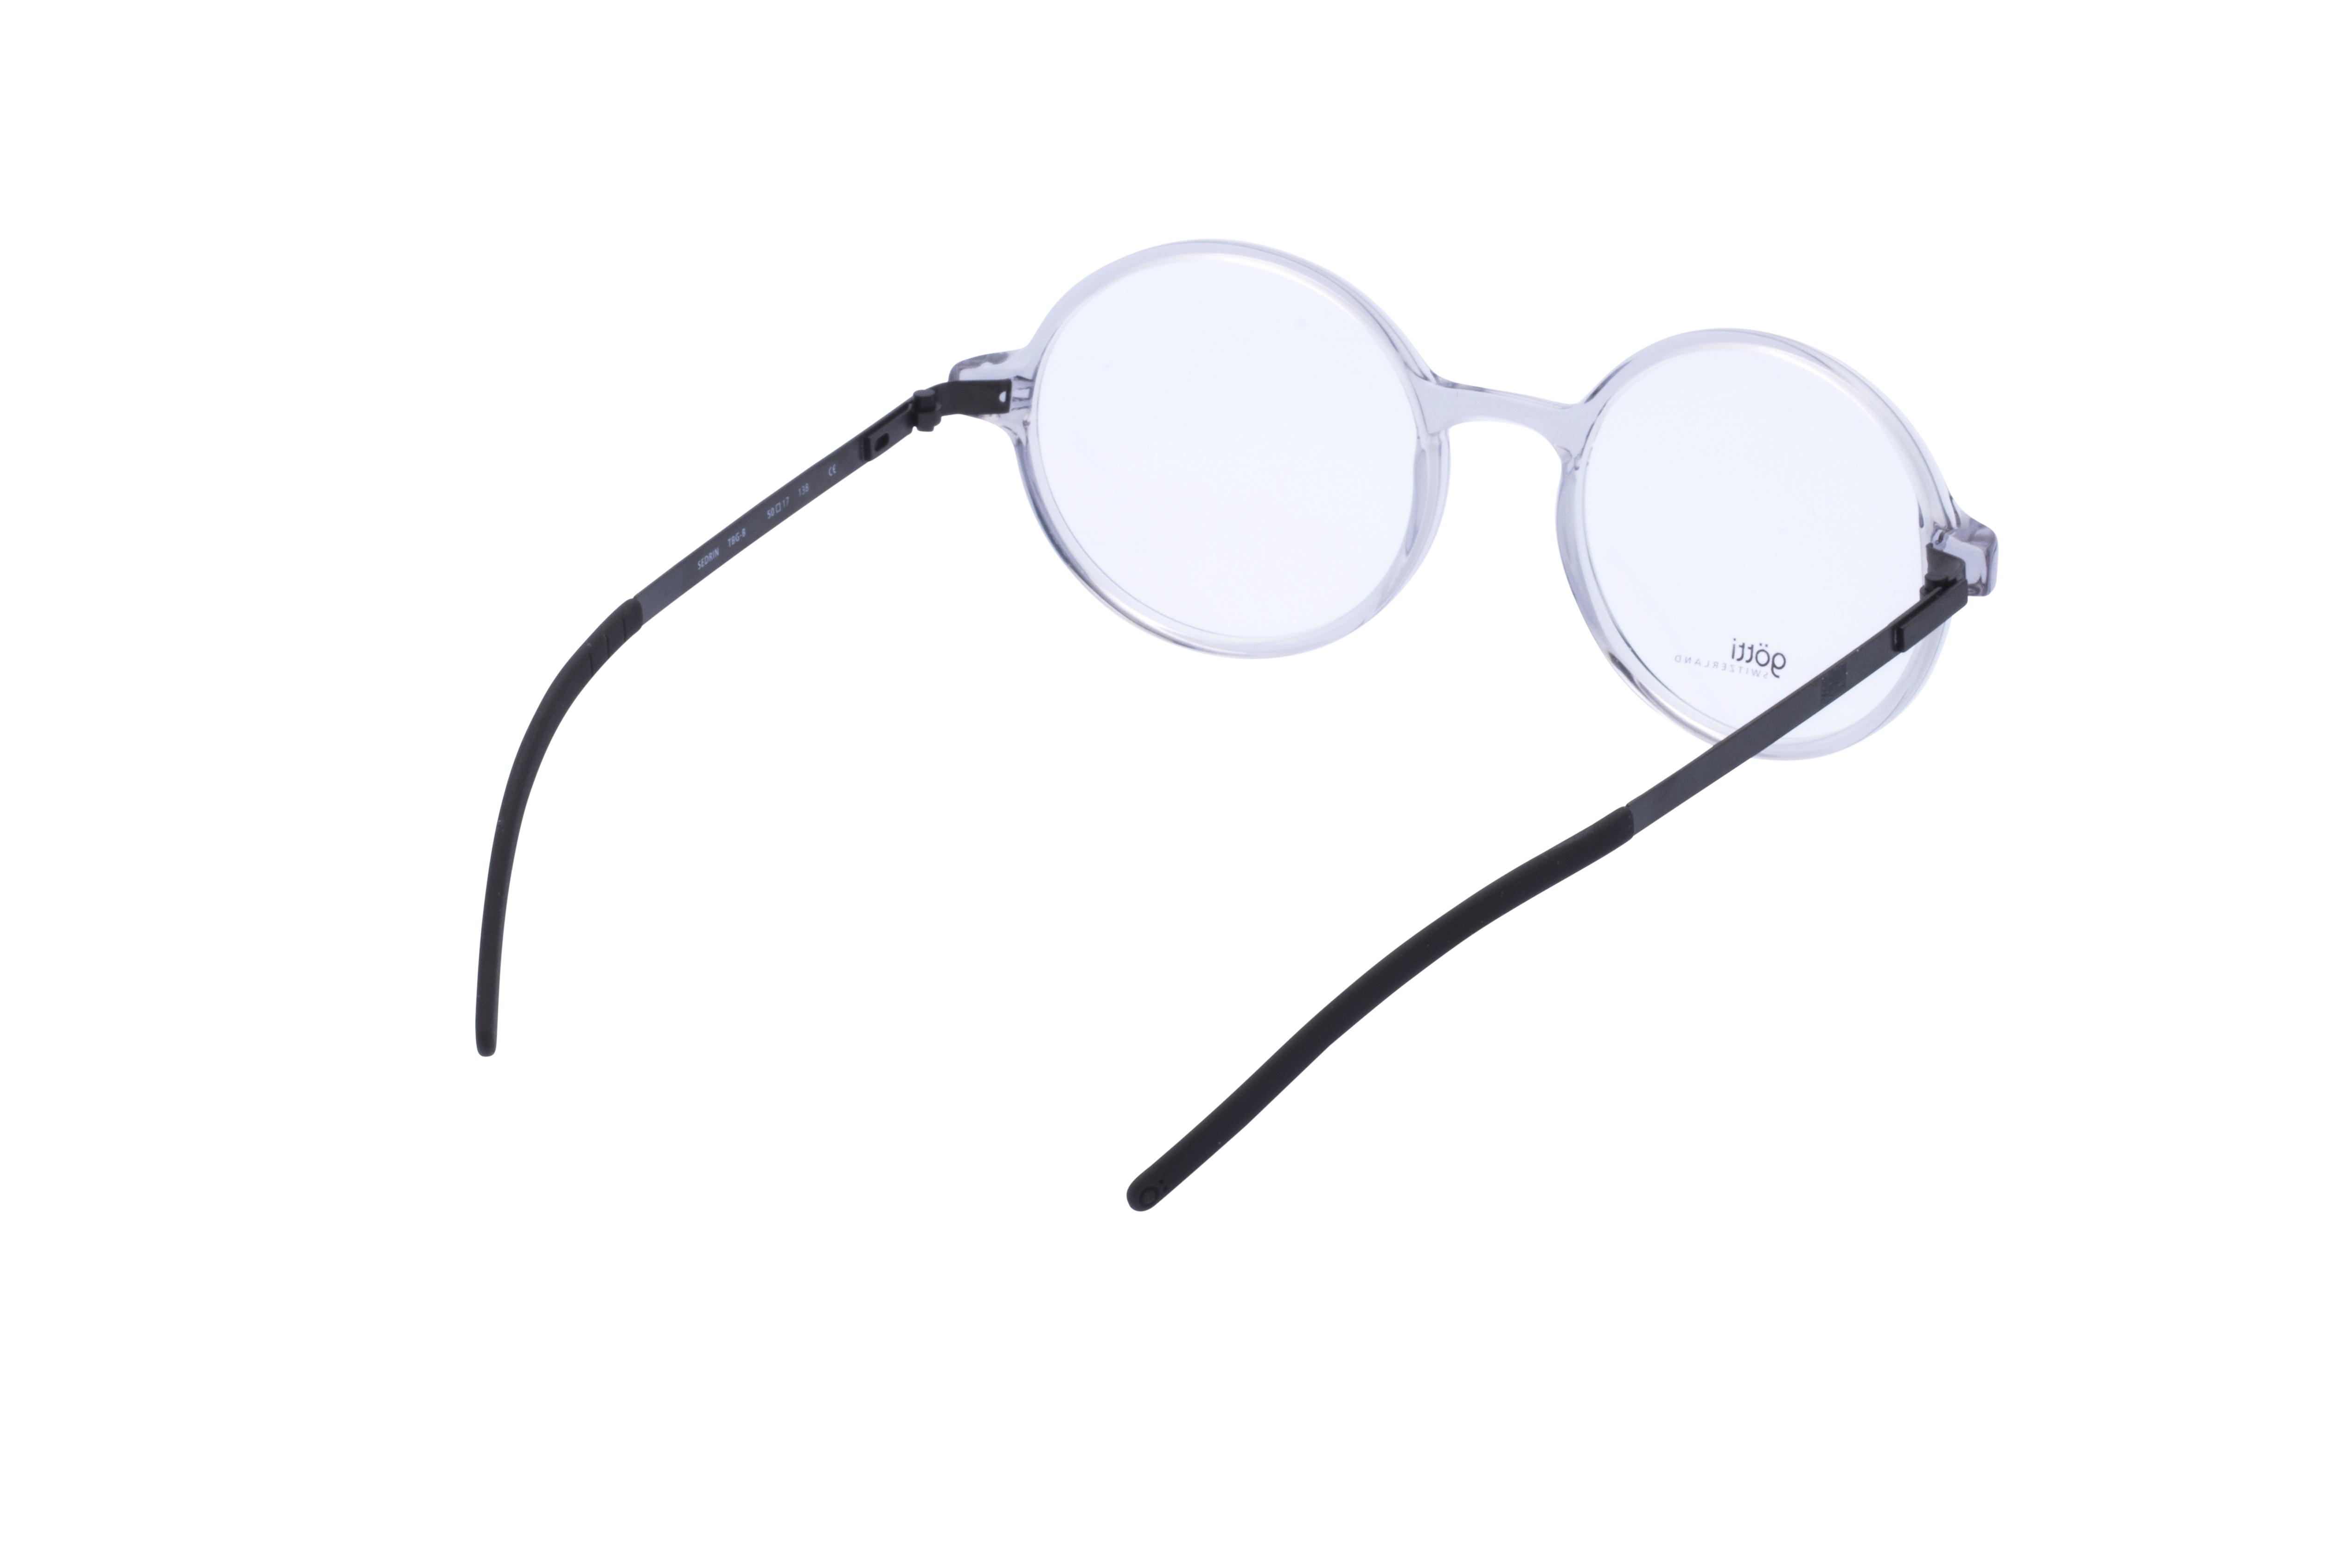 360 Grad Ansicht 10 Götti Sedrin, Brille auf Weiß - Fassung bei KUNK